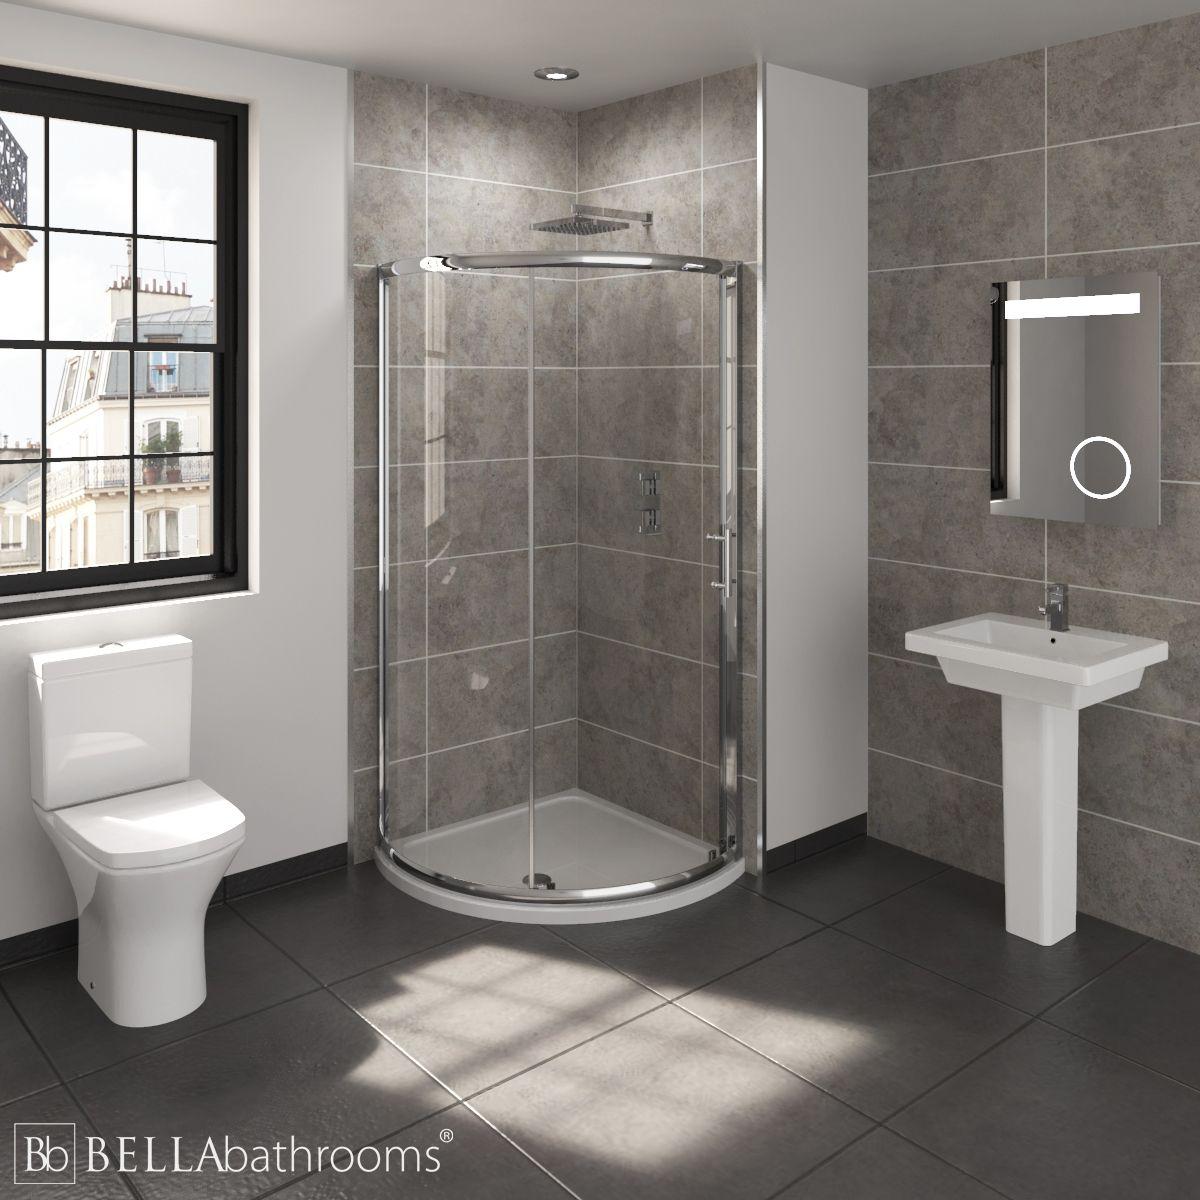 RAK Resort En-Suite with Single Door Quadrant Shower Enclosure